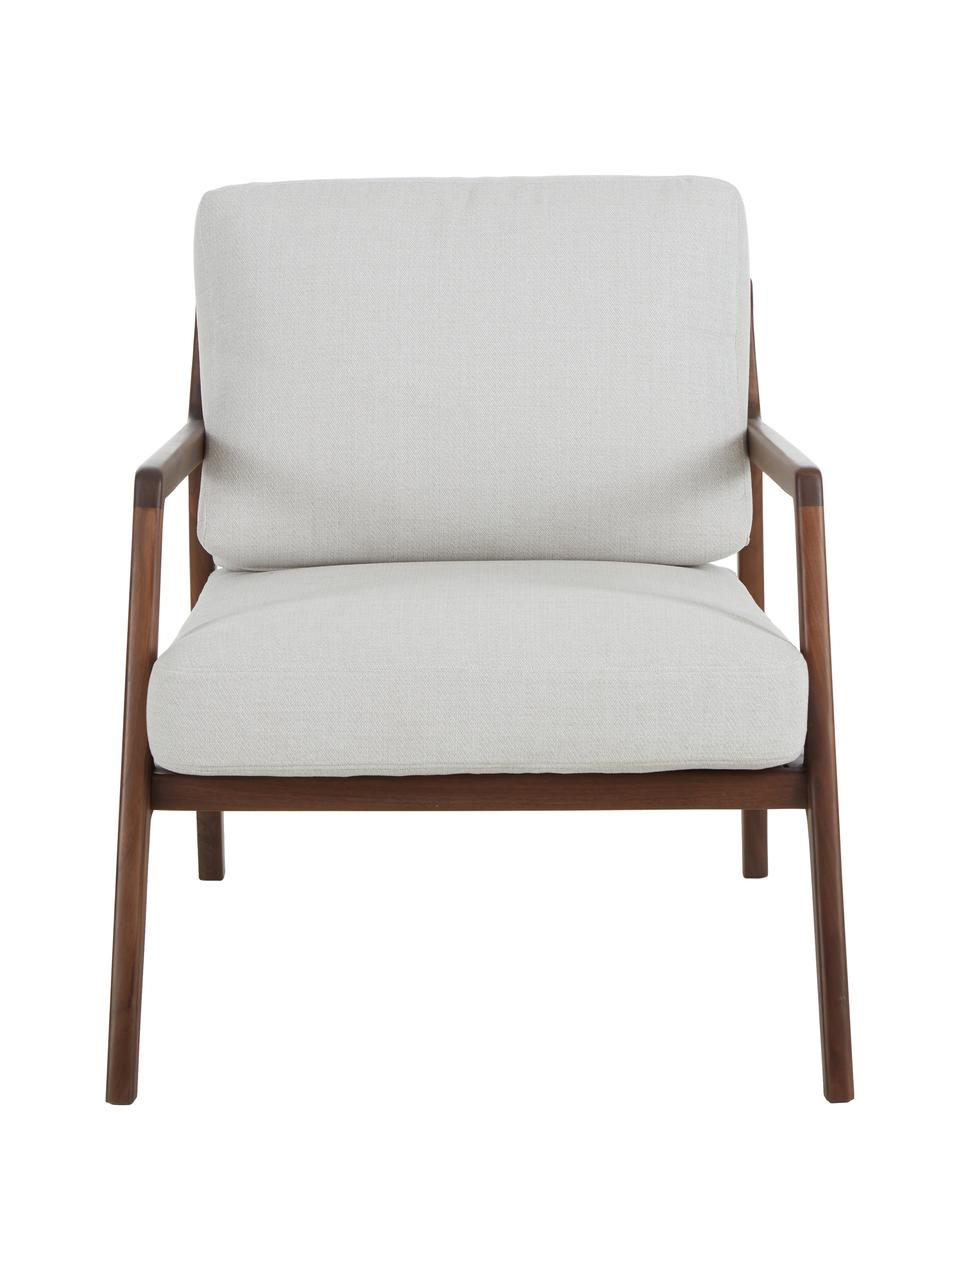 Fotel z drewna orzecha włoskiego Becky, Tapicerka: poliester Dzięki tkaninie, Beżowy, drewno orzecha włoskiego, S 73 x G 90 cm